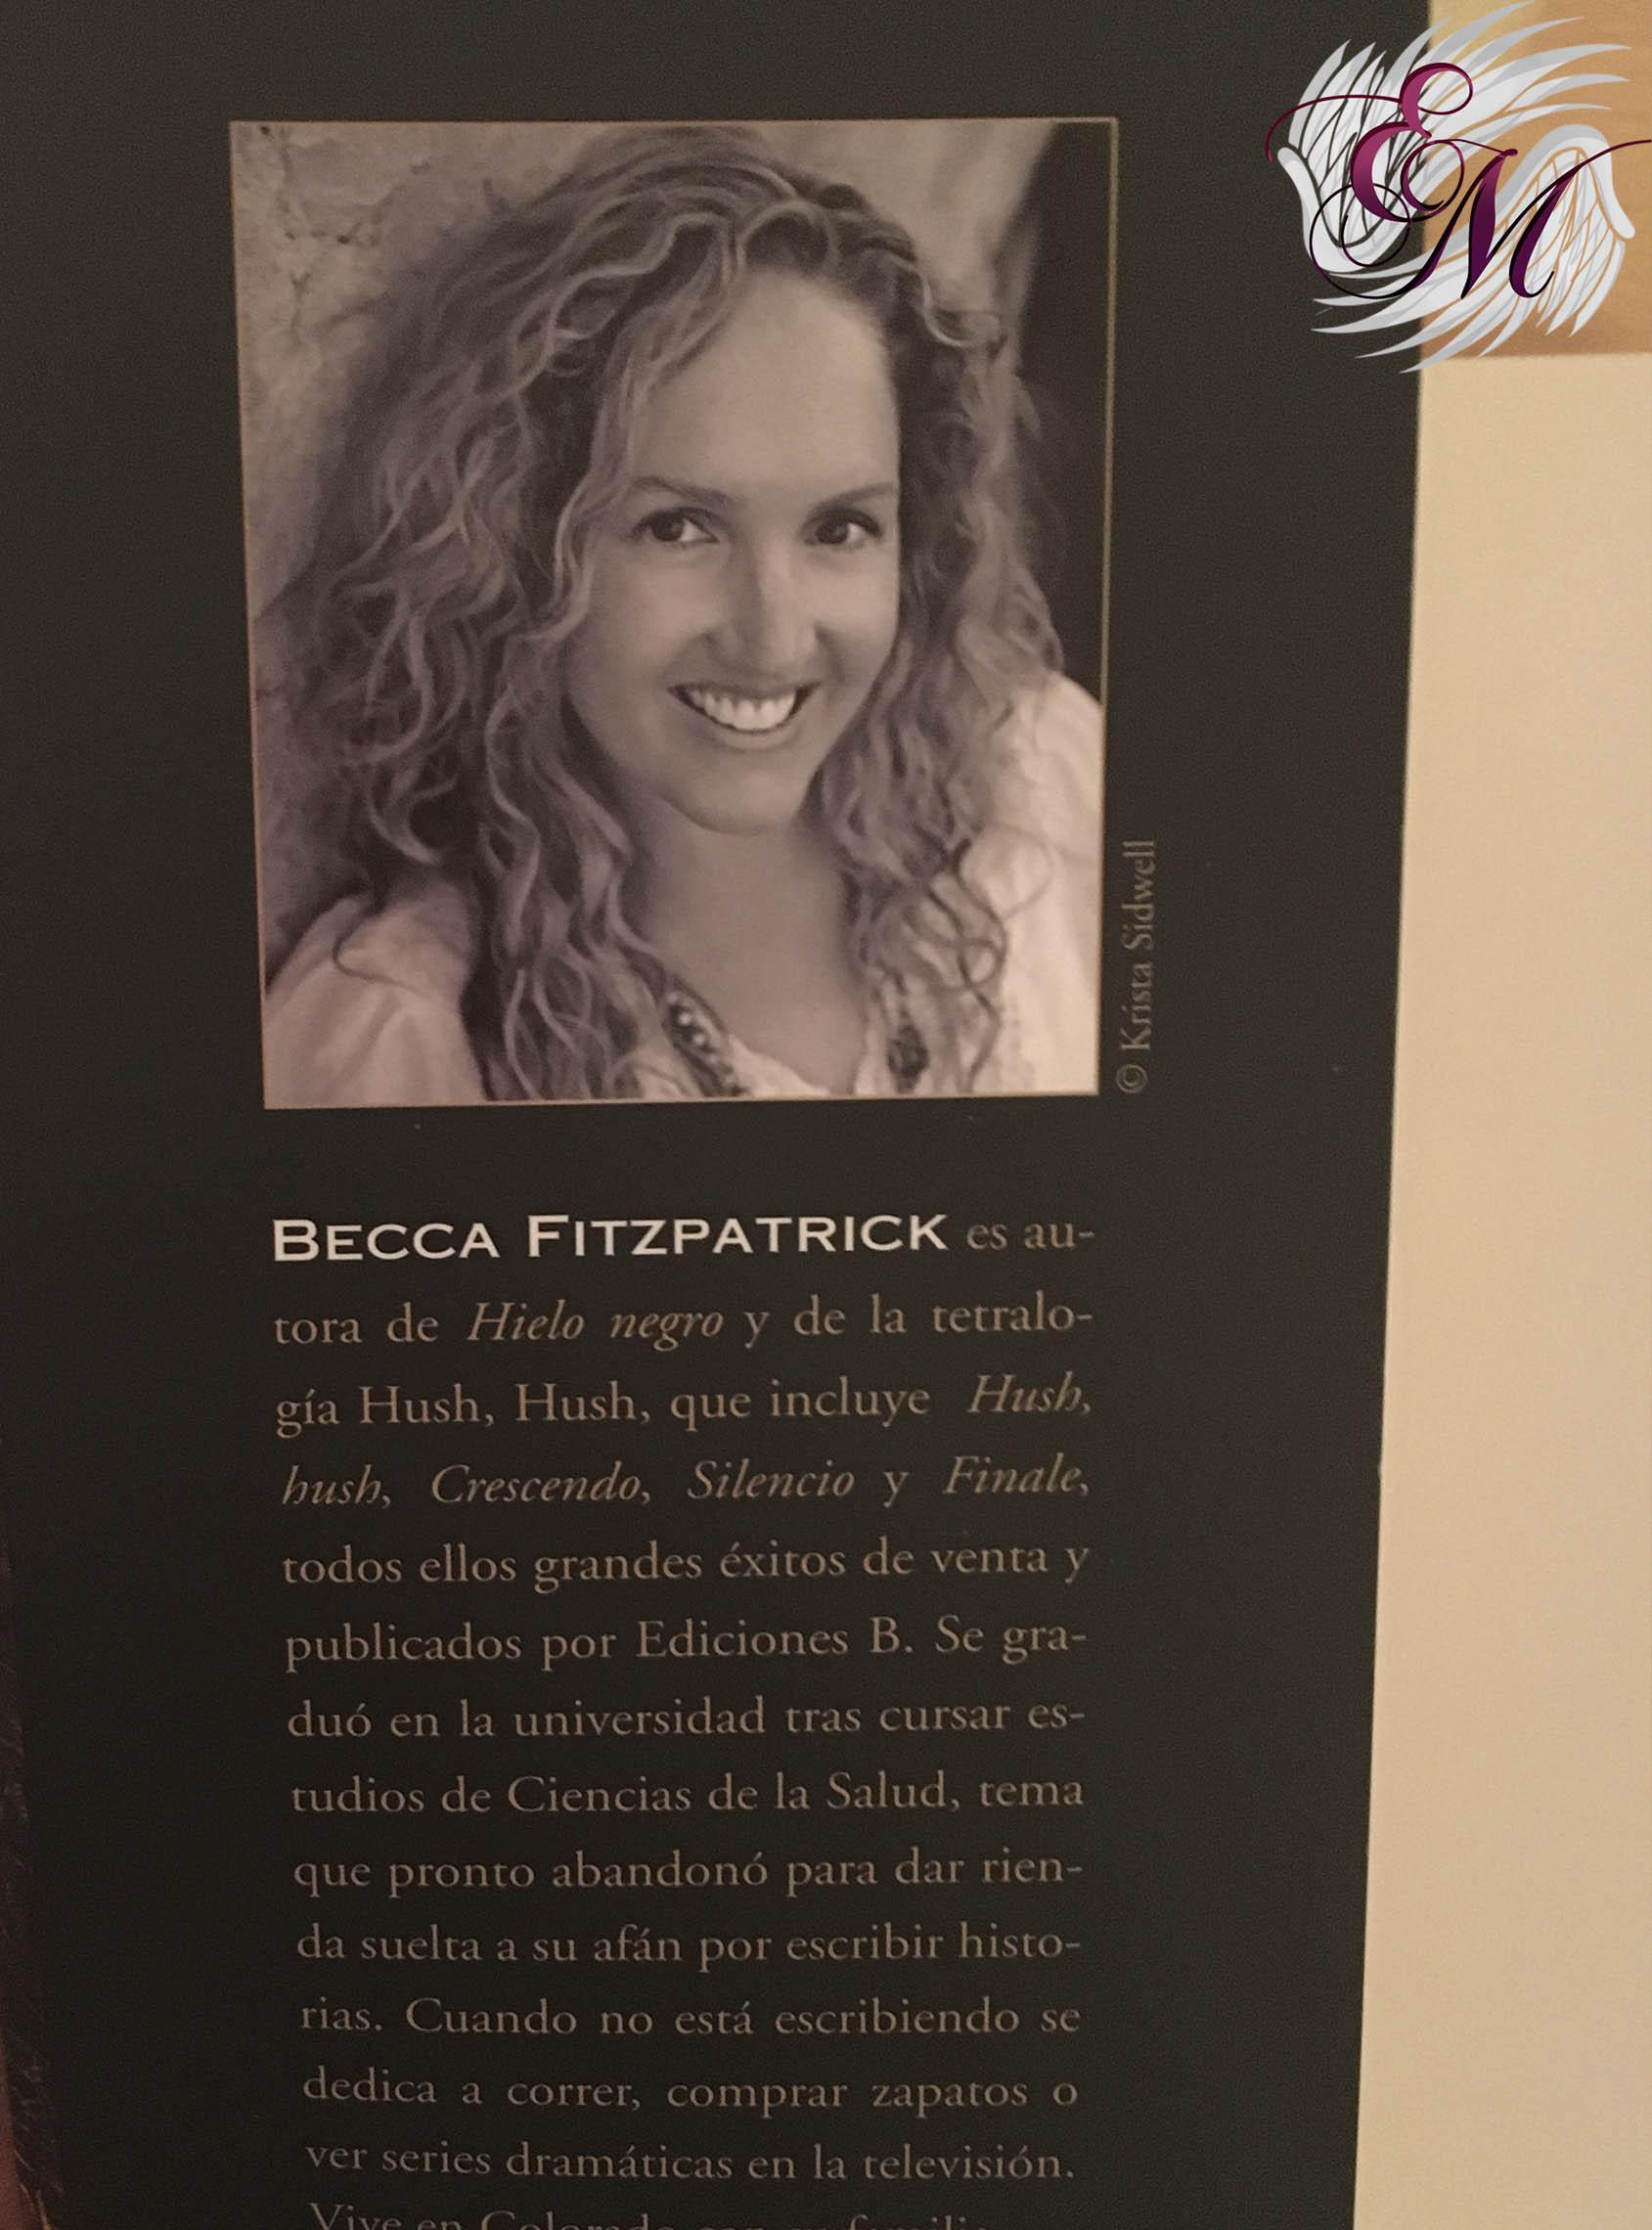 Mentiras peligrosas, de Becca Fitzpatrick - Reseña - solapa de alante